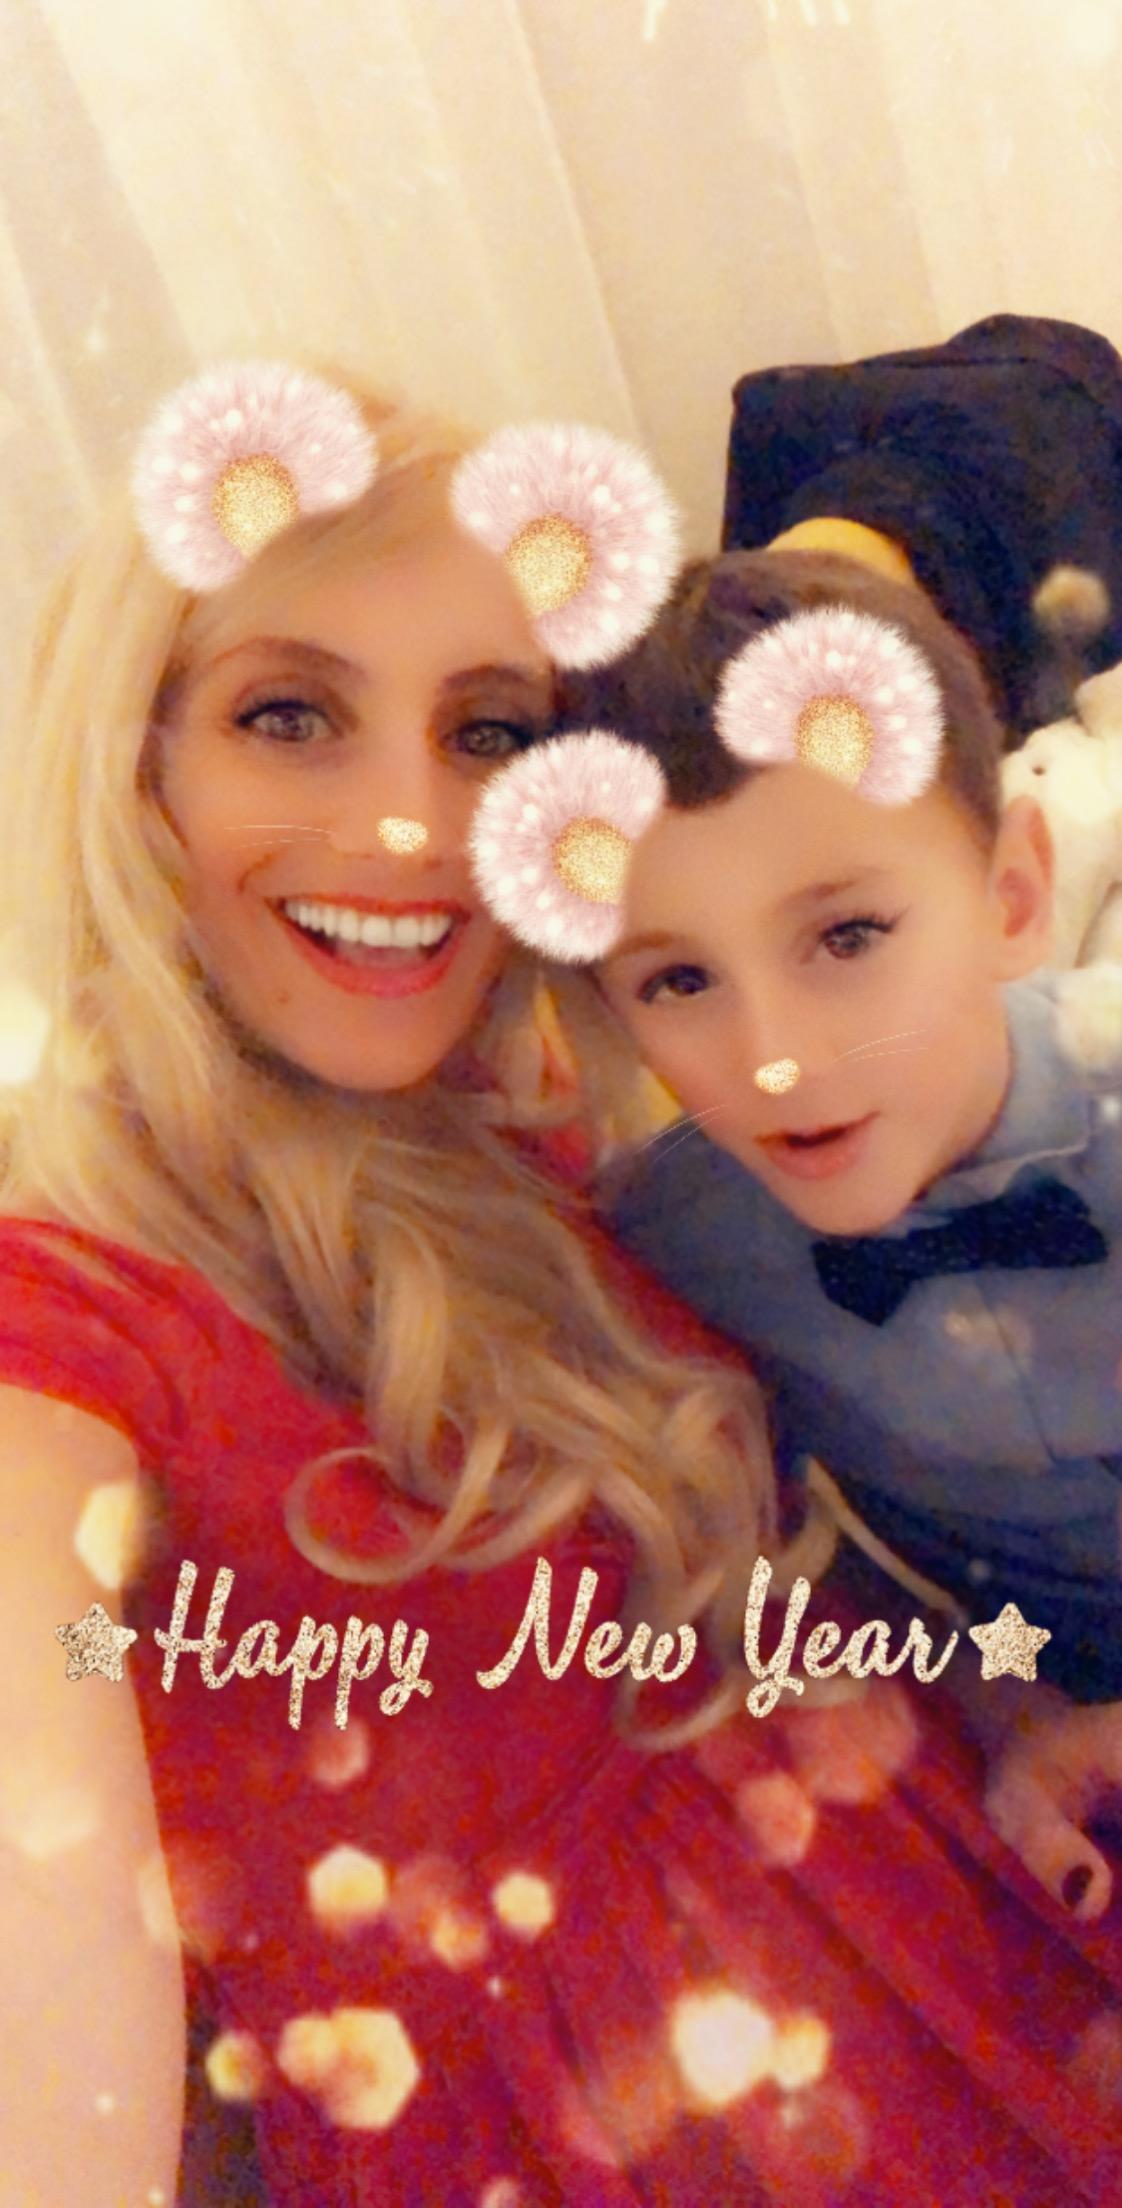 Les bonnes résolutions d un enfant de 5 ans, promis en 2019 il sera sage comme une image